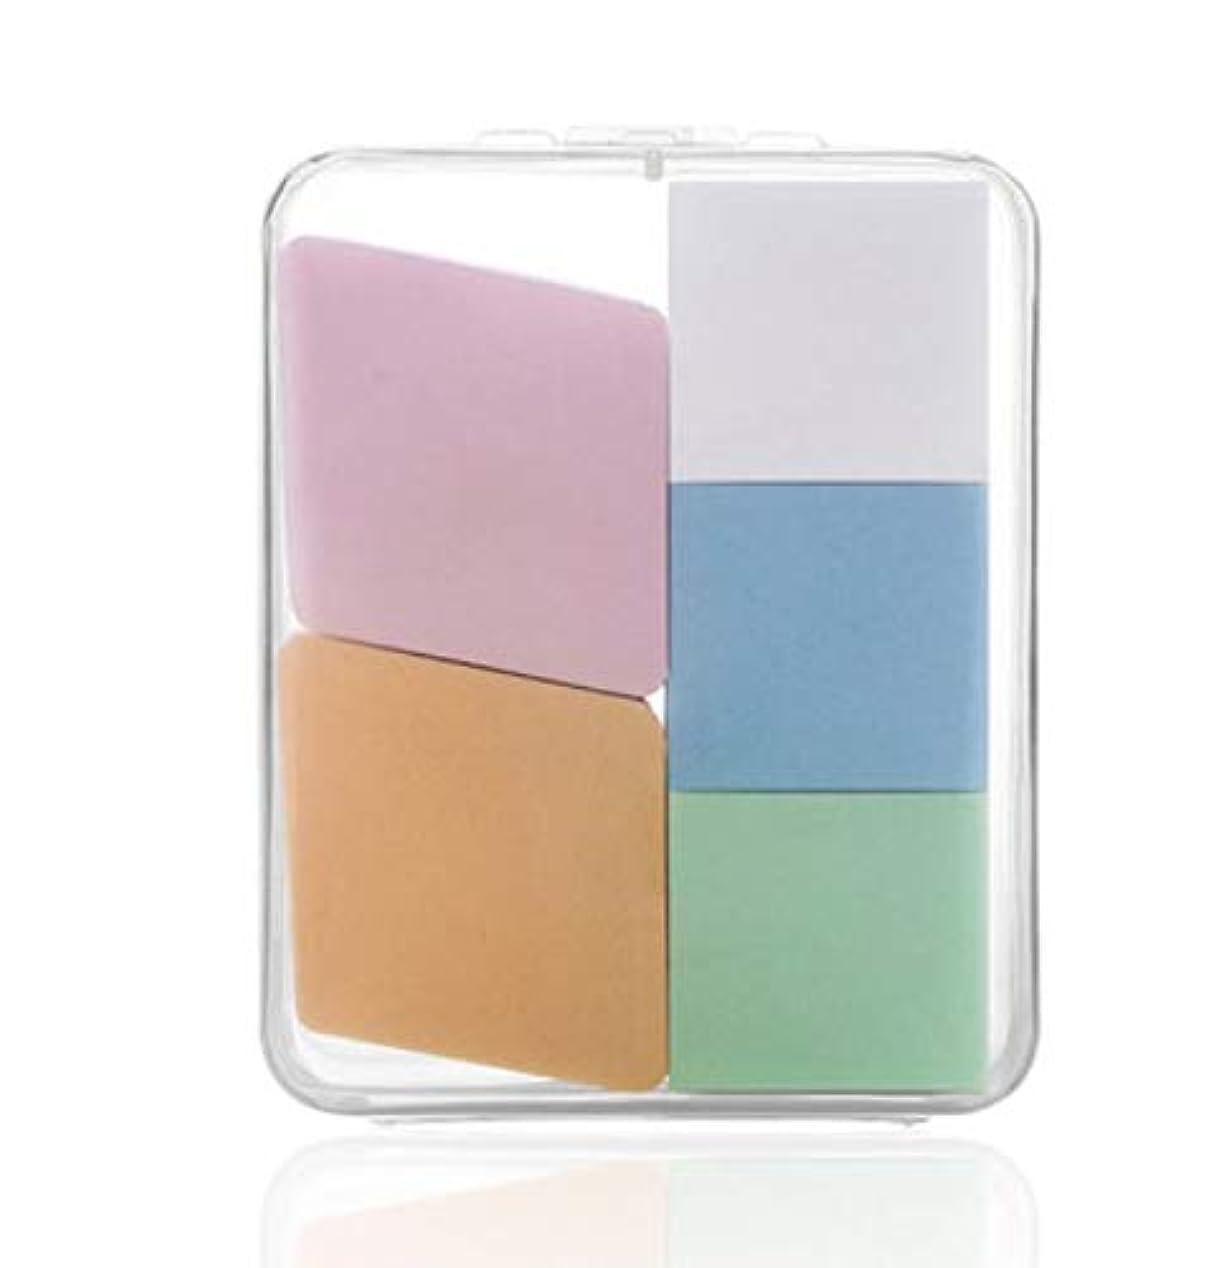 バレエ小間駅美容スポンジ、収納ボックス付きソフト化粧スポンジ美容メイク卵5パック